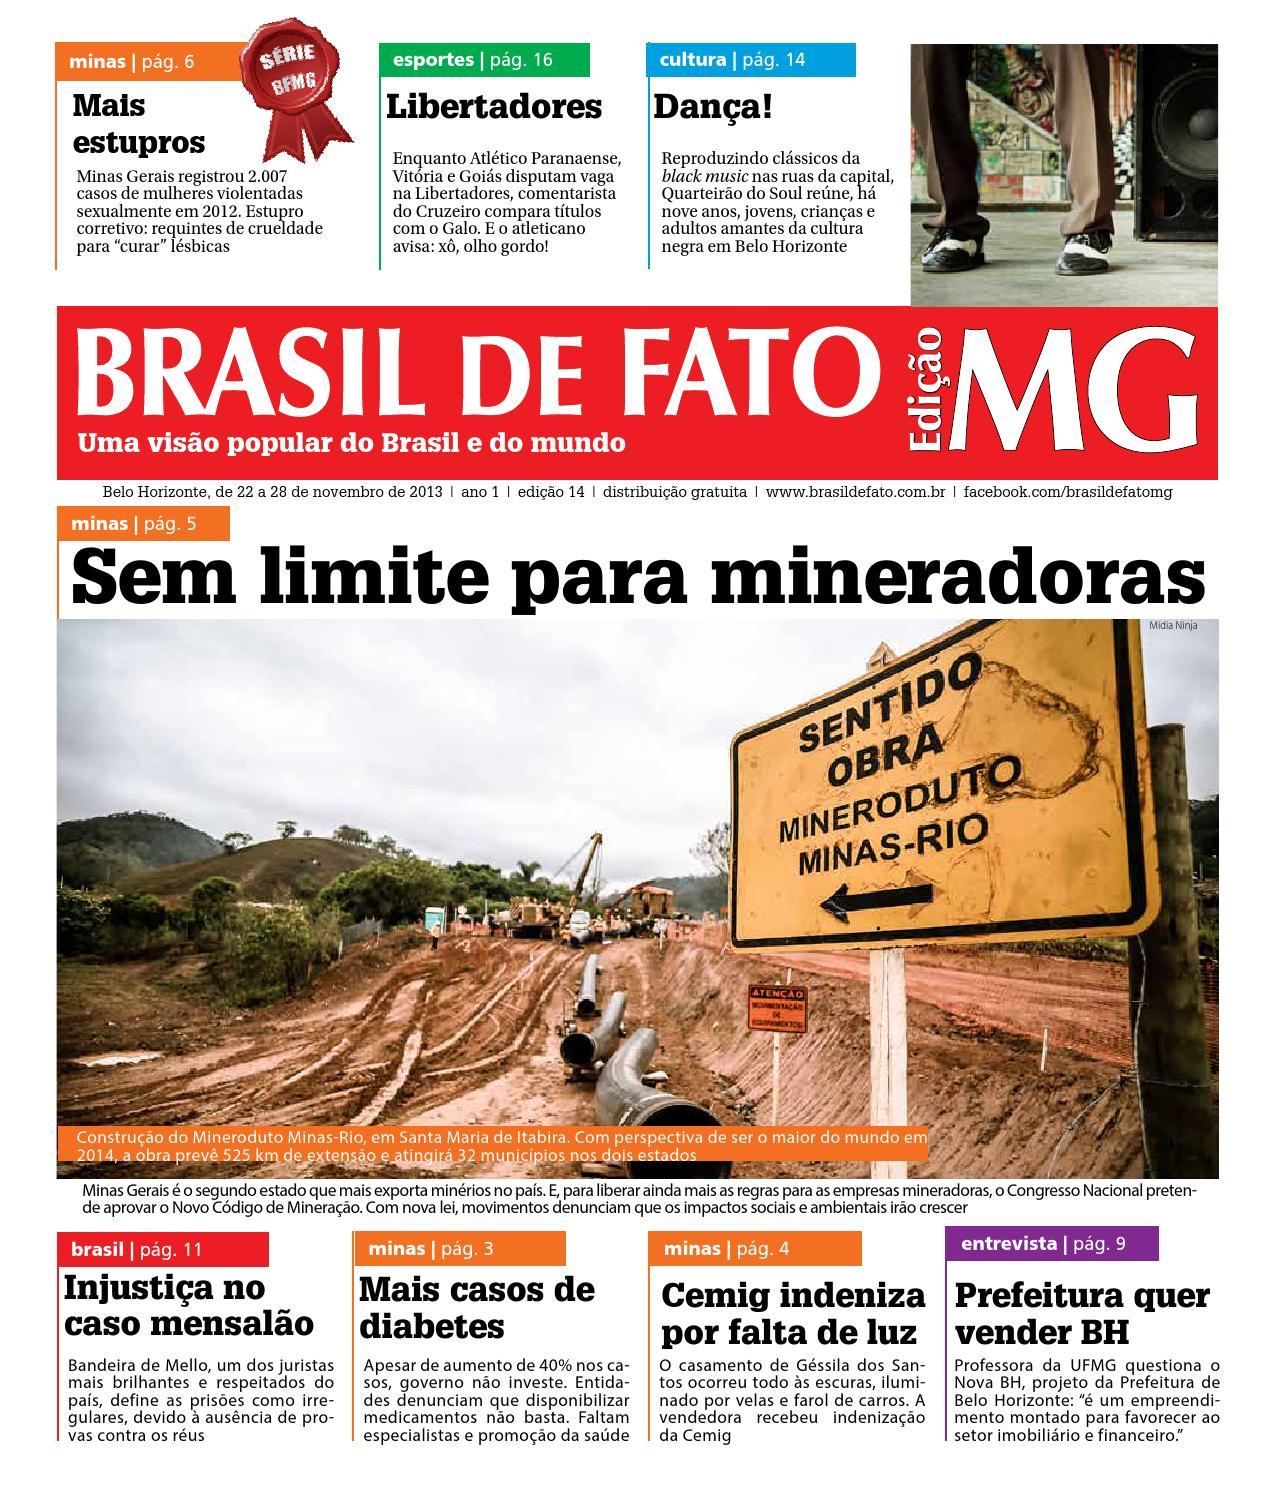 0505ef4ce8 Edição 14 do Brasil de Fato MG by Brasil de Fato MG - issuu